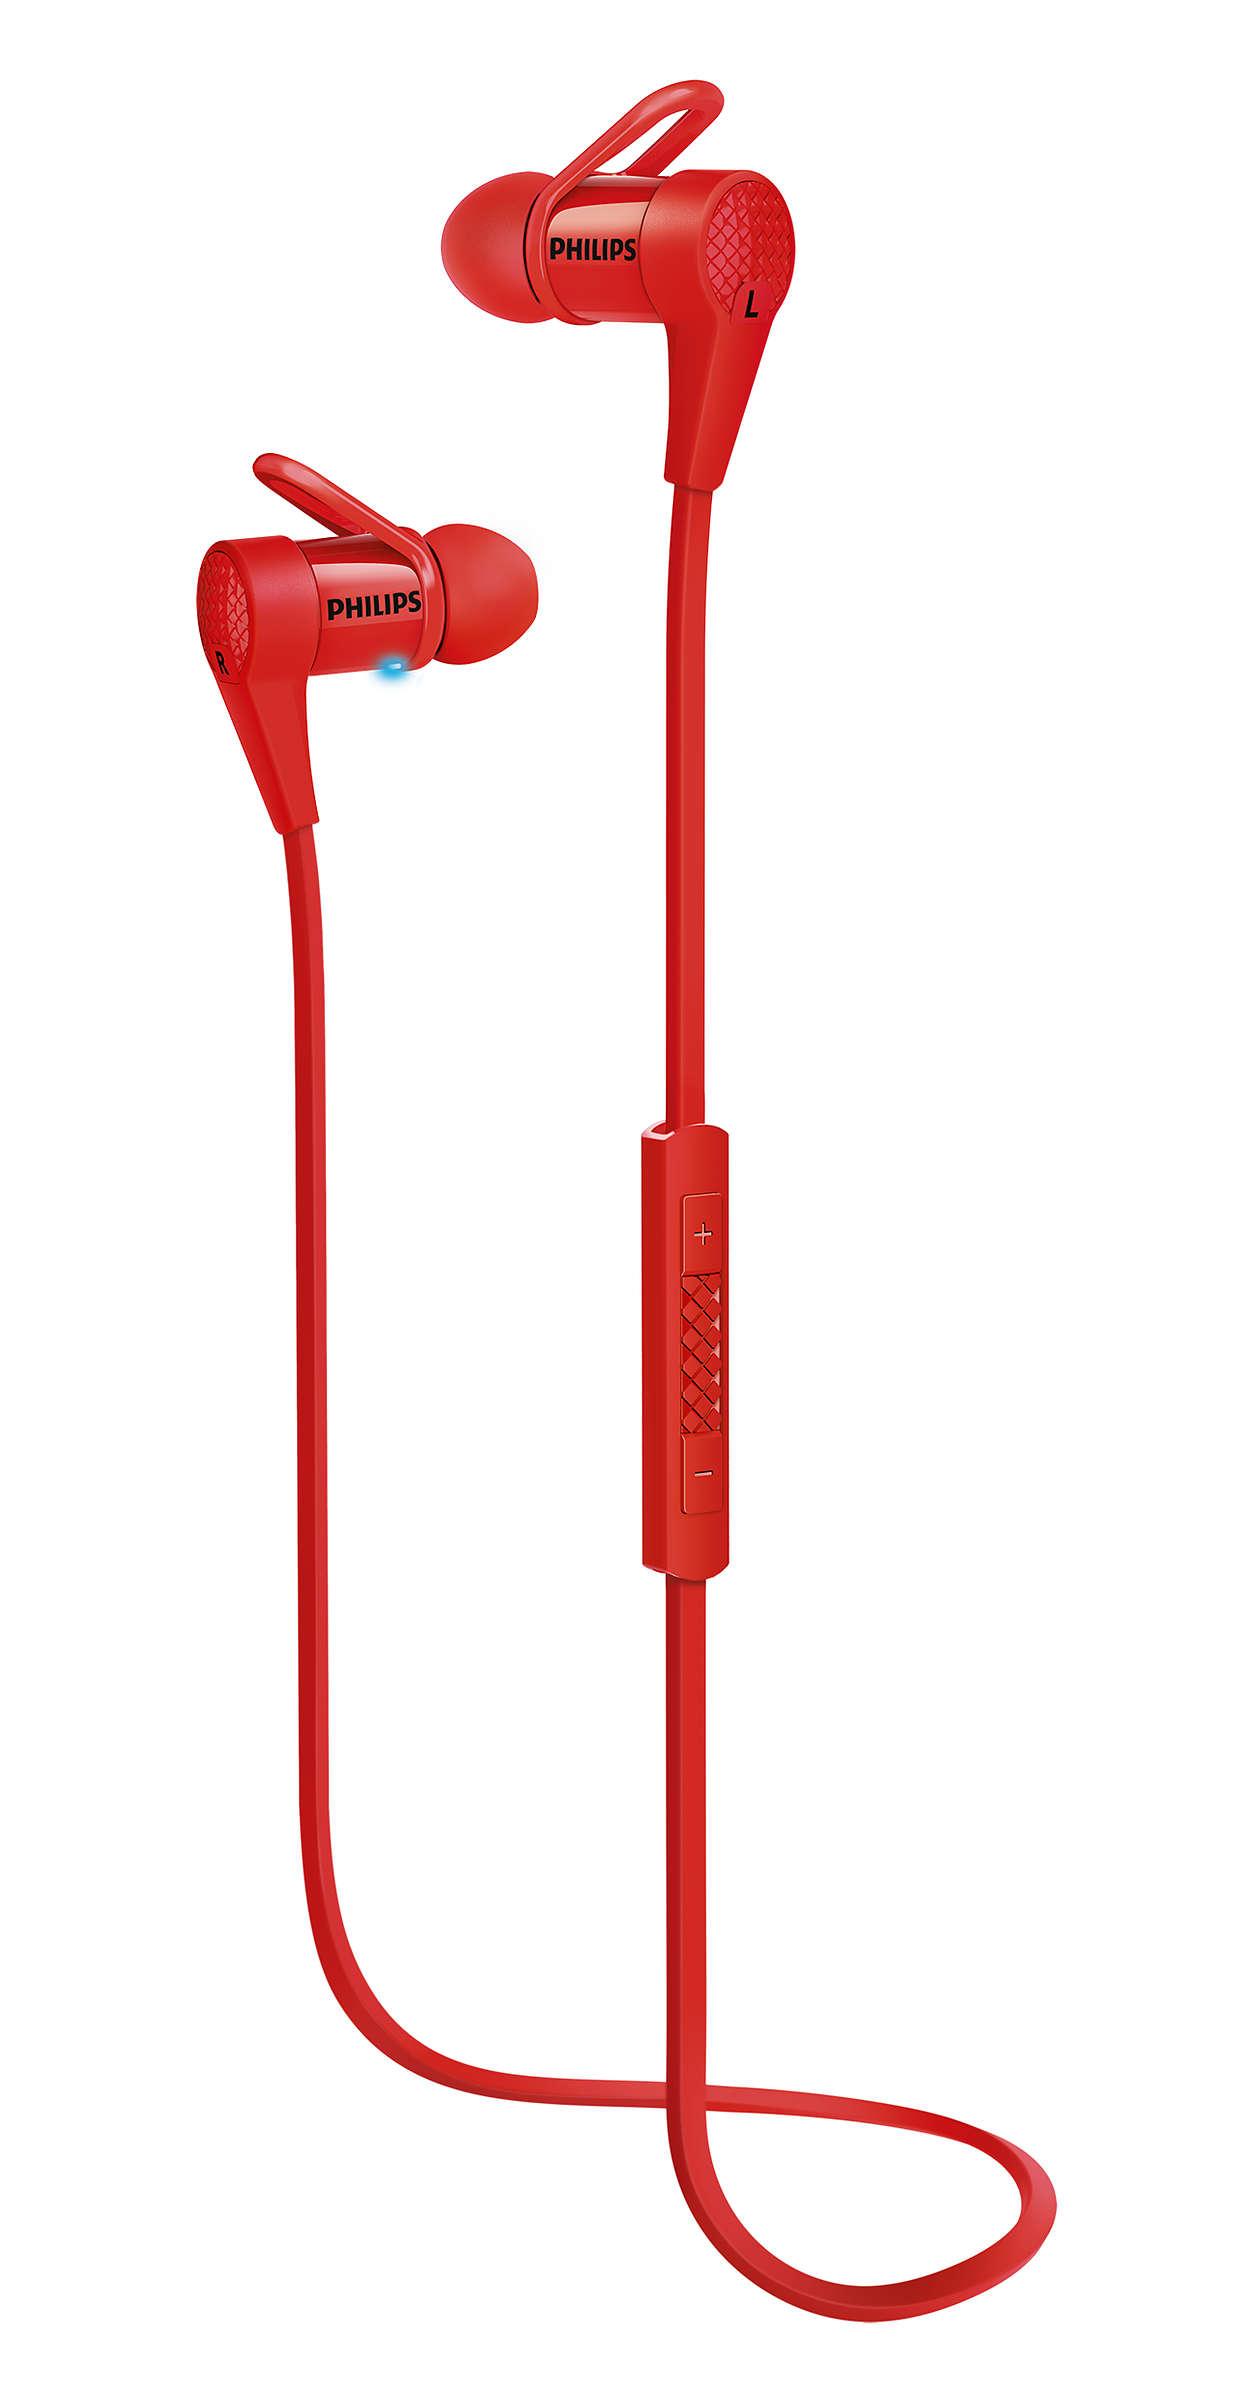 Draadloze oortelefoon, eenvoudig koppelen via NFC